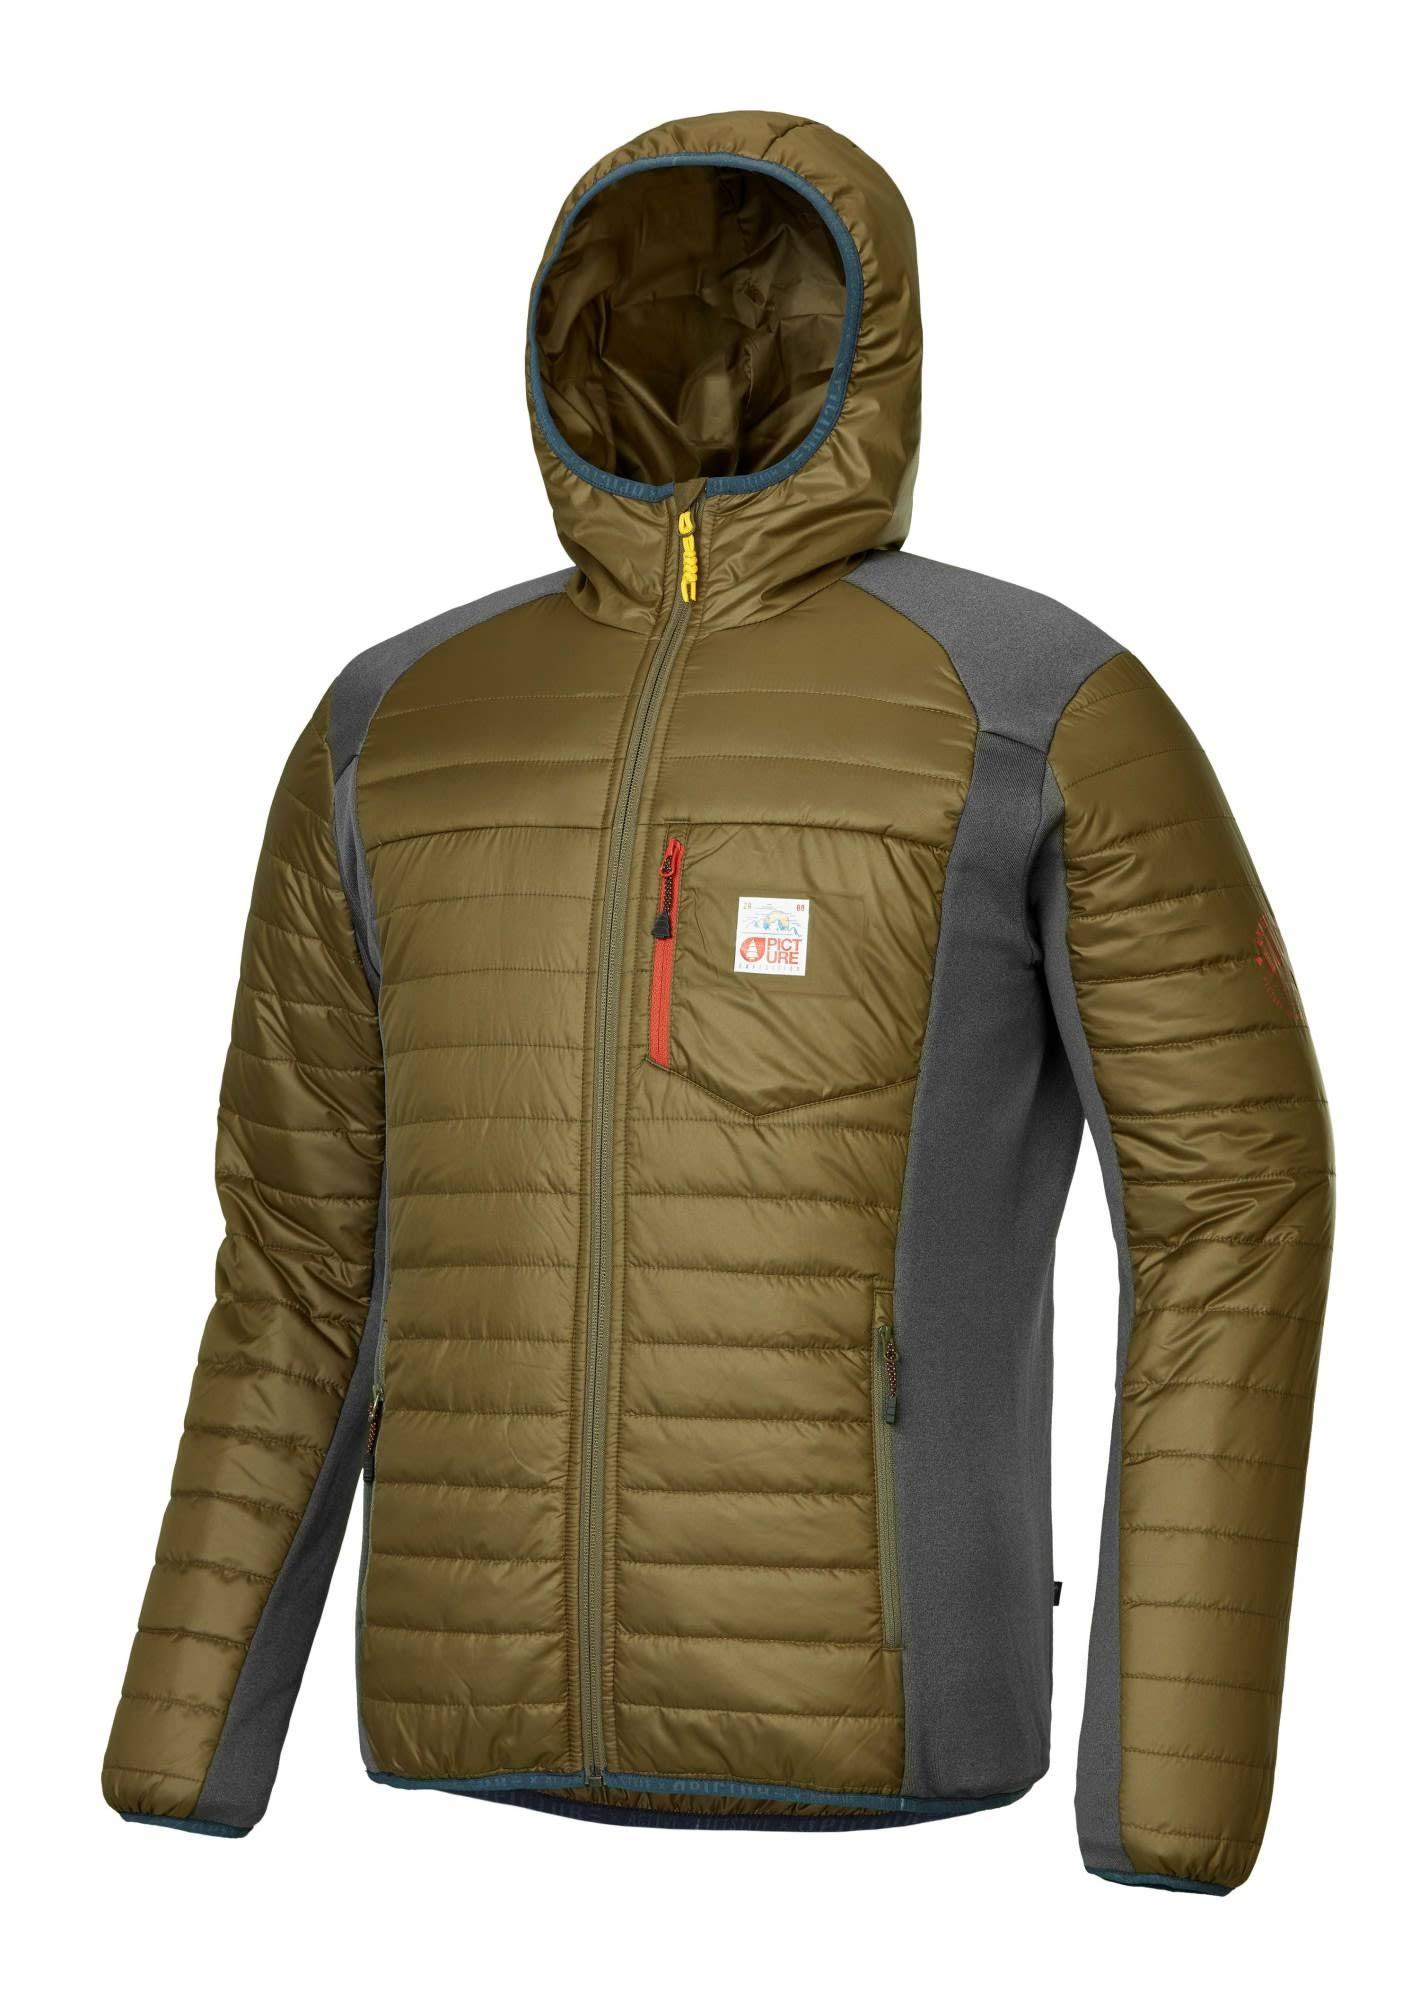 Hoodie Bild Insulated Khaki bekleidung M Takashima Herren Bio XPqPwZ6